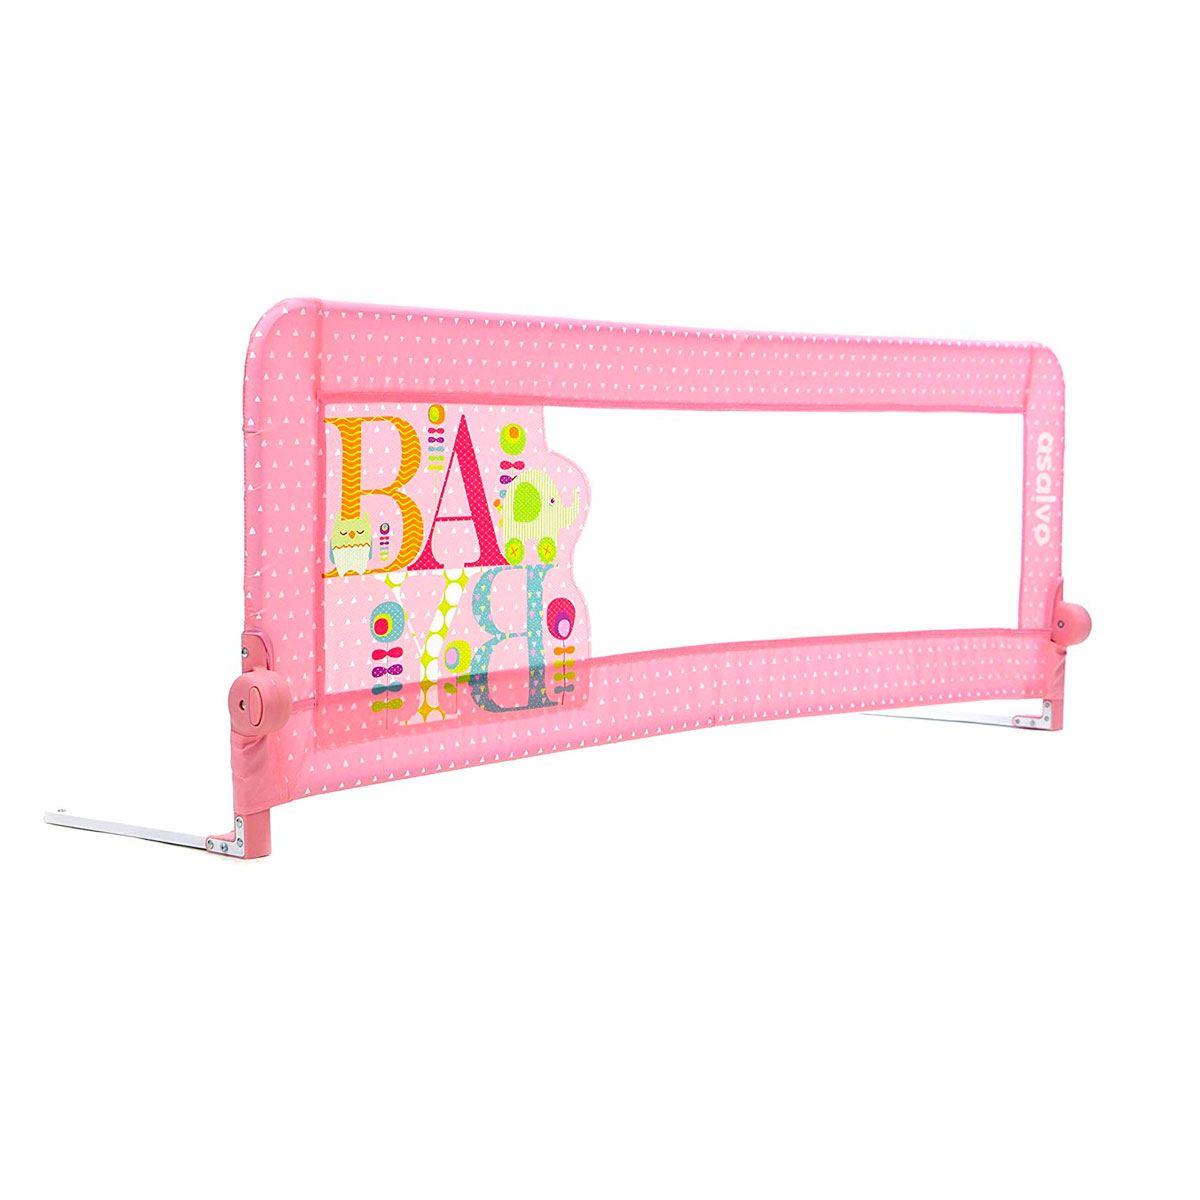 Barrera de Cama 2 en 1 Baby rosa de Asalvo